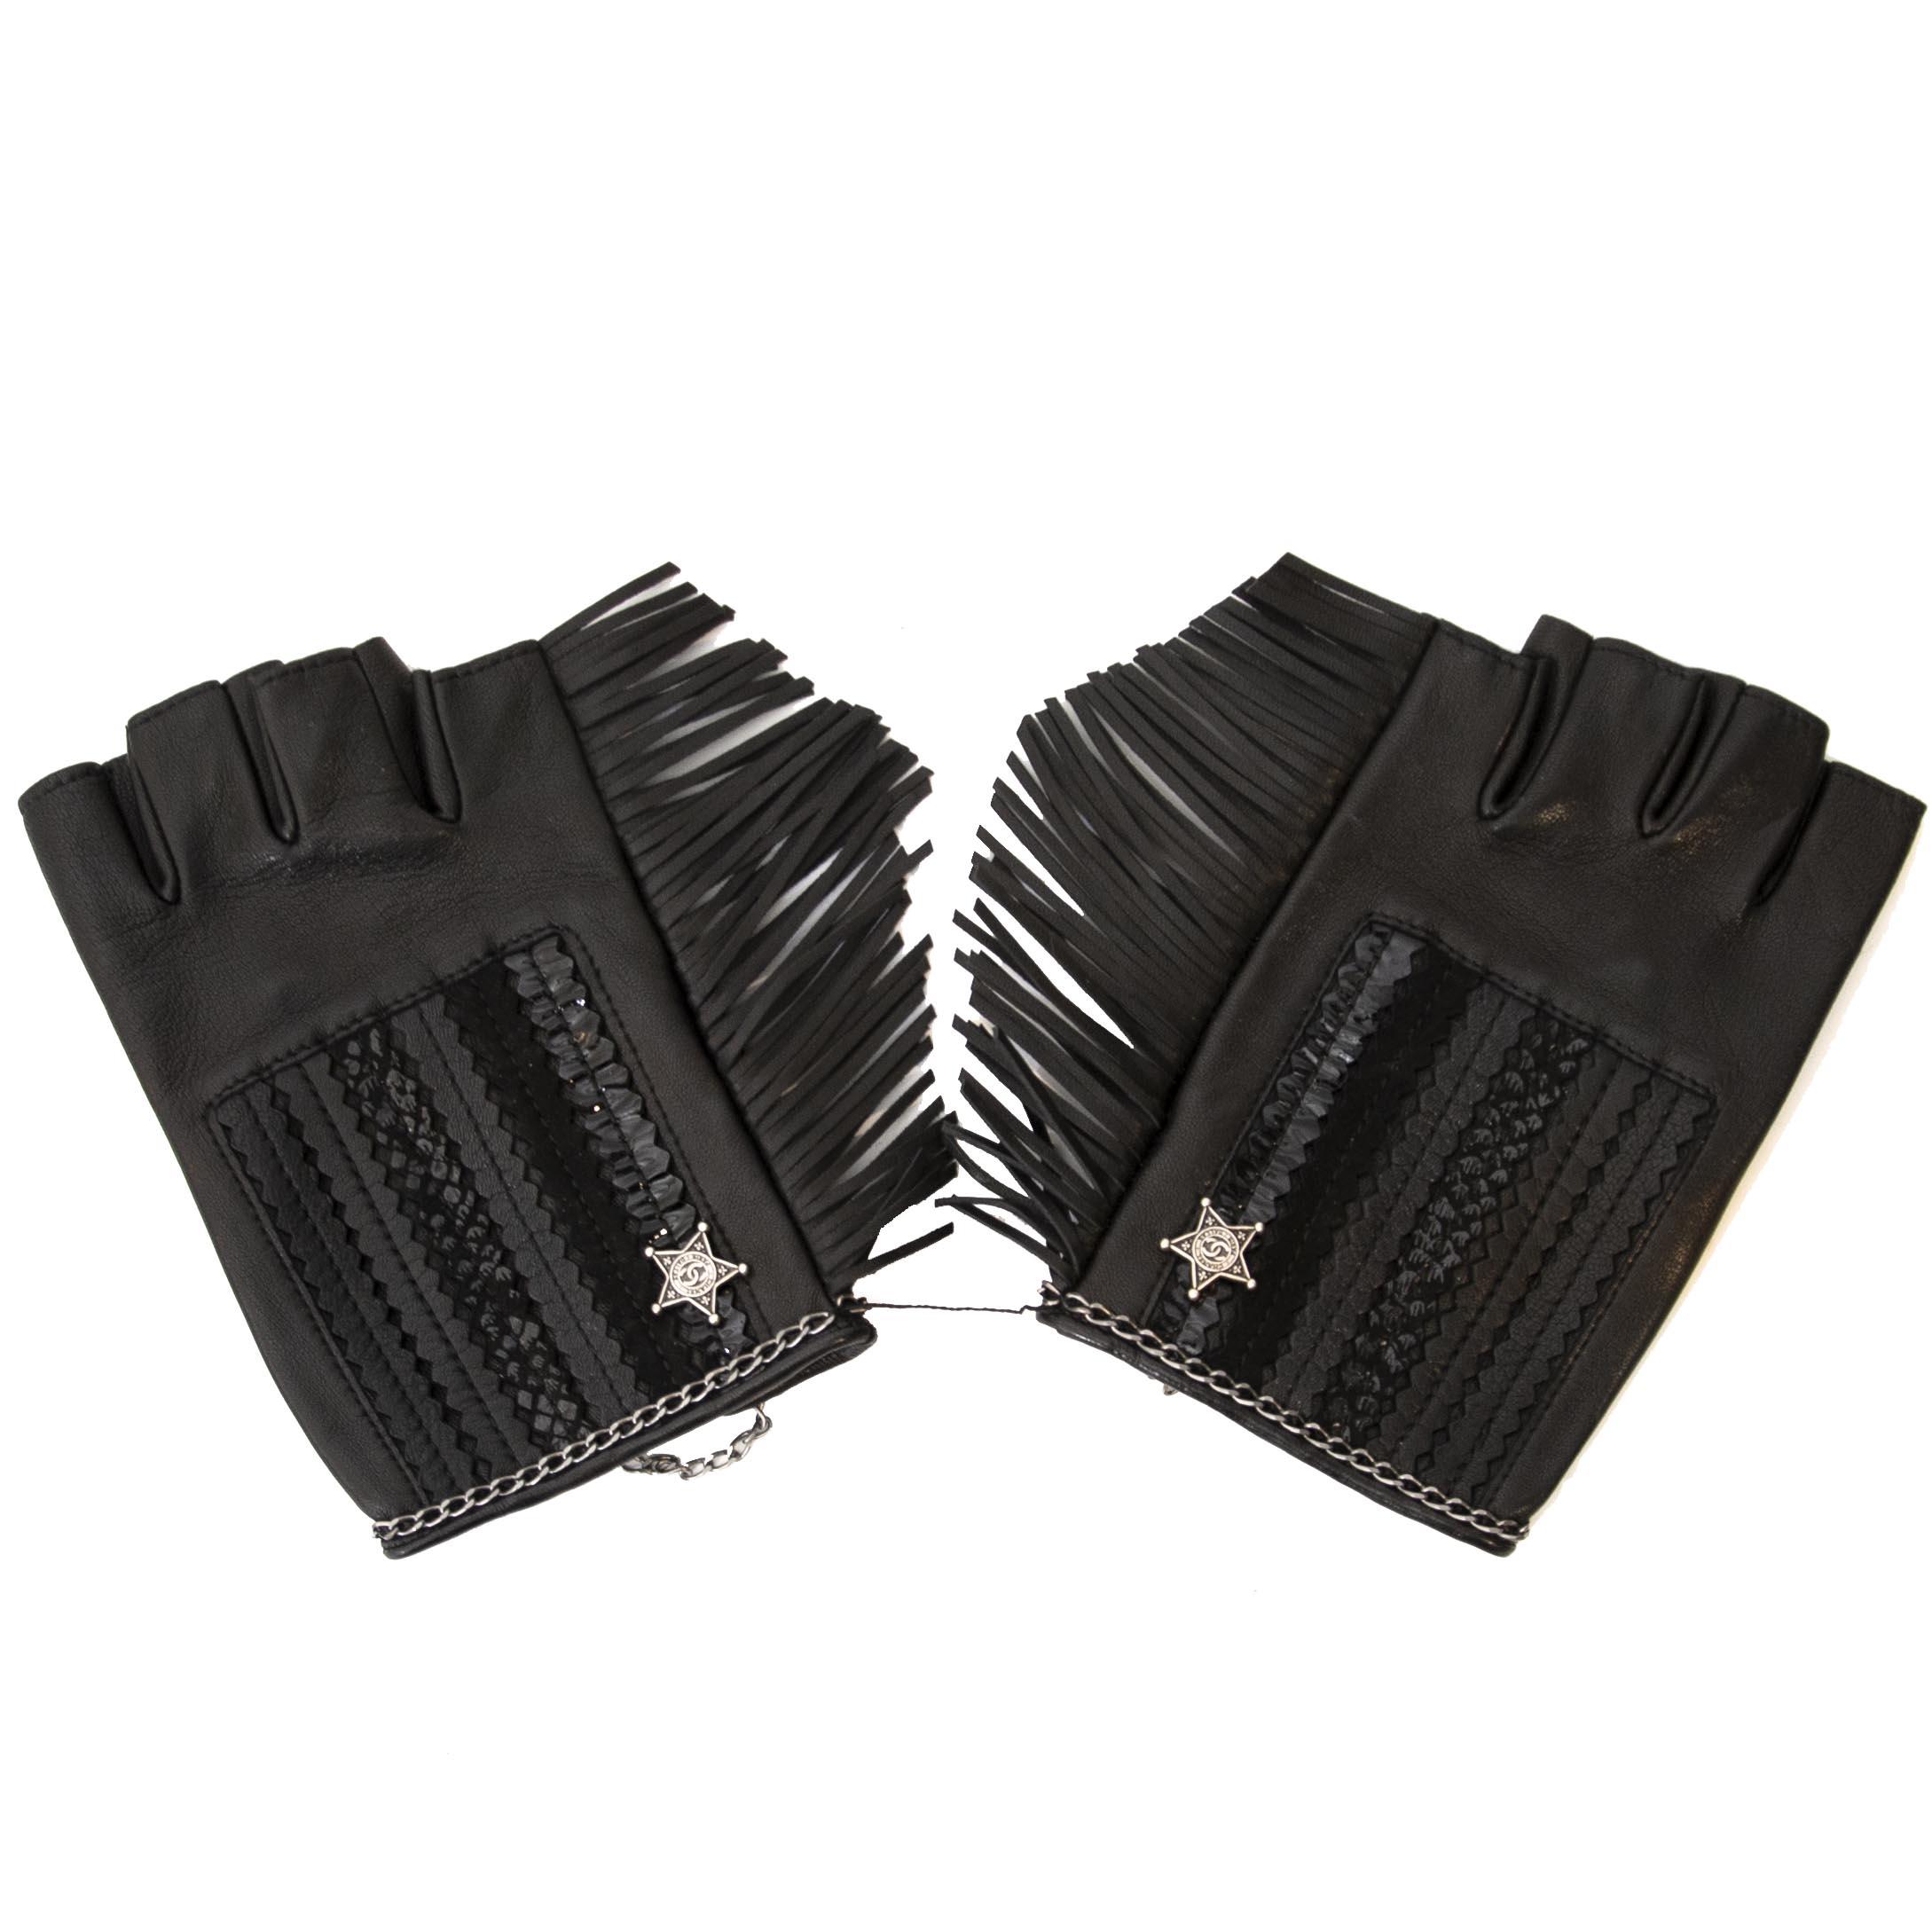 fccb5e62e Shop safe and Koop tweedehands Chanel handschoenen online bij LabelLOV,  shop veilig online.